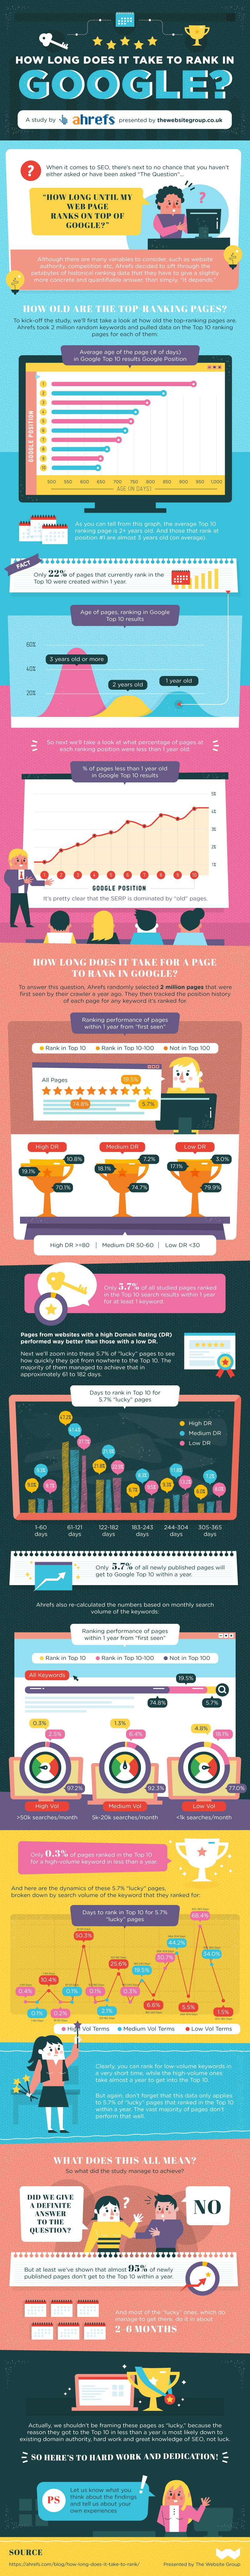 Infographie : Combien de temps faut-il pour se positionner sur Google ?